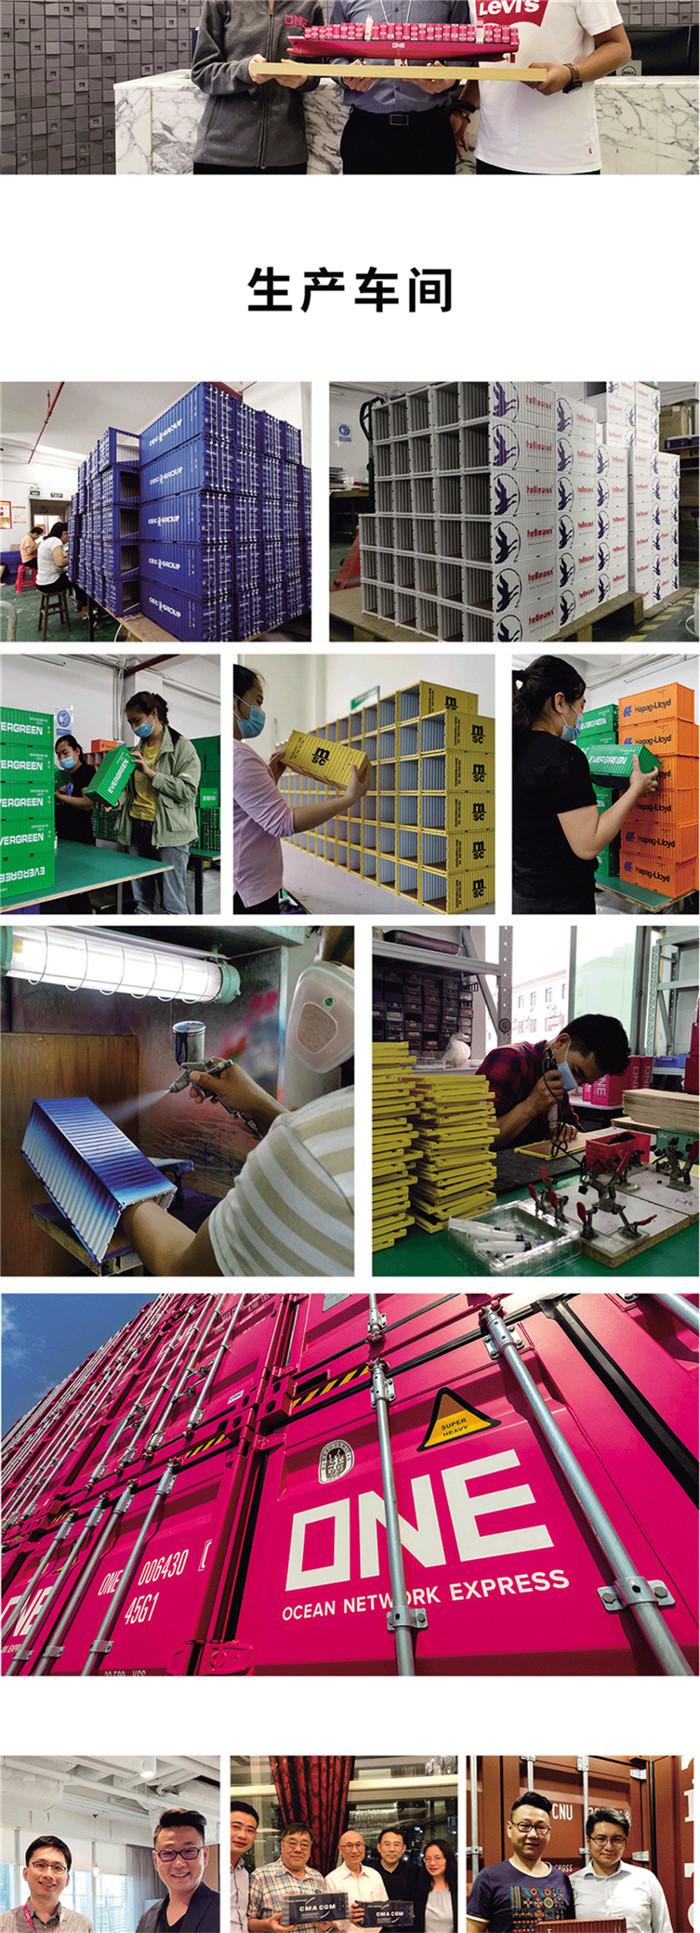 海藝坊集裝箱貨柜模型工廠生產制作各種:個性集裝箱模型紙巾盒筆筒,個性貨柜模型工廠,個性集裝箱模型生產廠家,個性貨柜模型批發,涂鴉集裝箱貨柜模型LOGO定制。